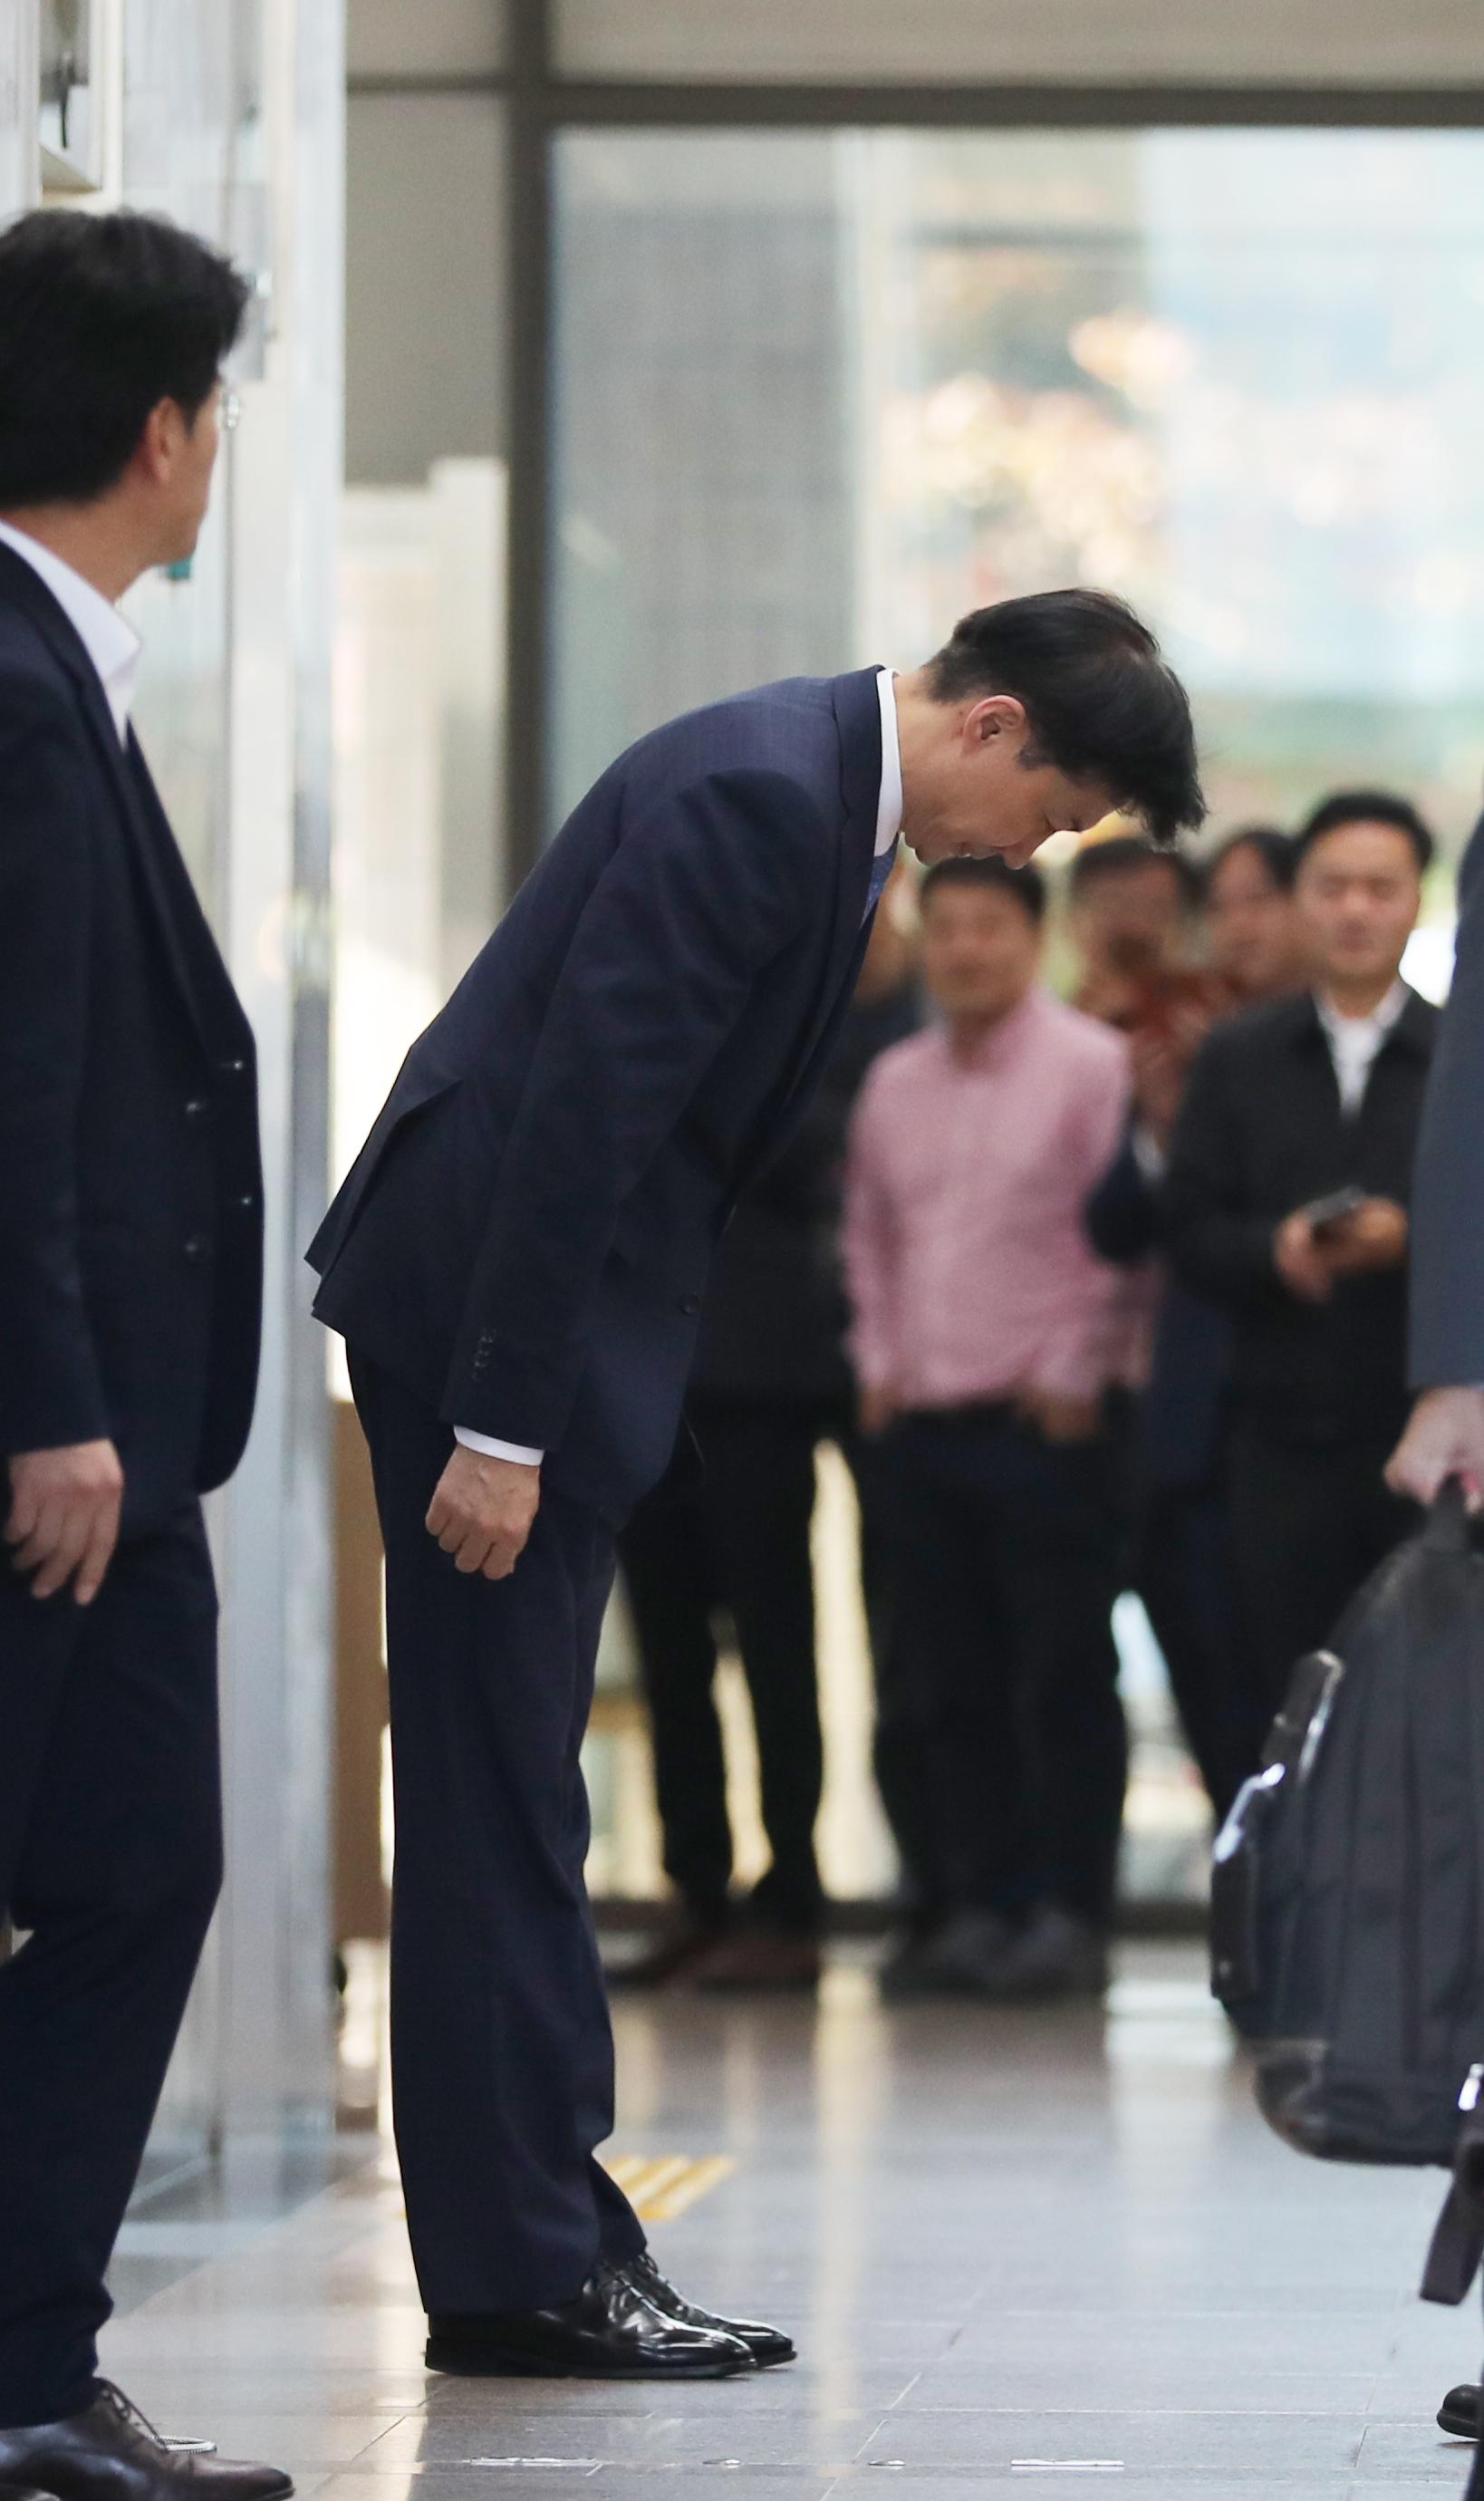 전격적으로 사의를 밝힌 조국 법무부 장관이 14일 오후 과천 법무부 청사를 나오며 관계자들에게 인사하고 있다. [연합뉴스]